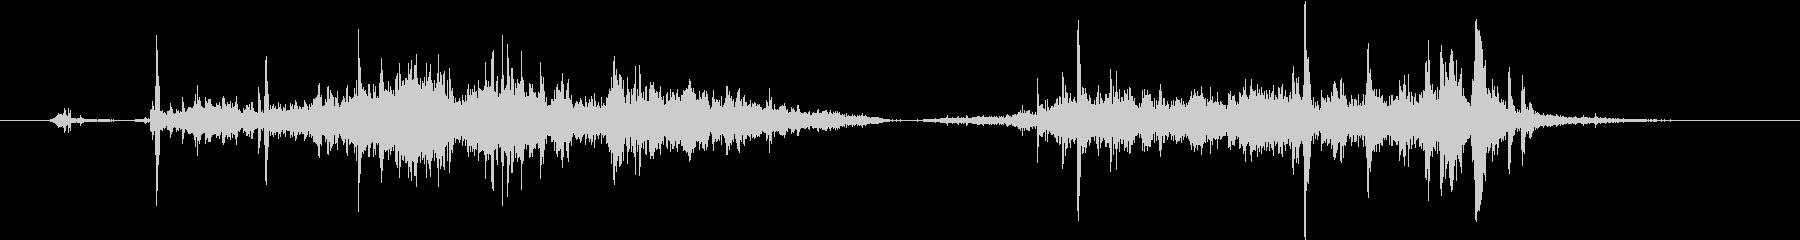 巻き尺を巻き戻す効果音 02の未再生の波形